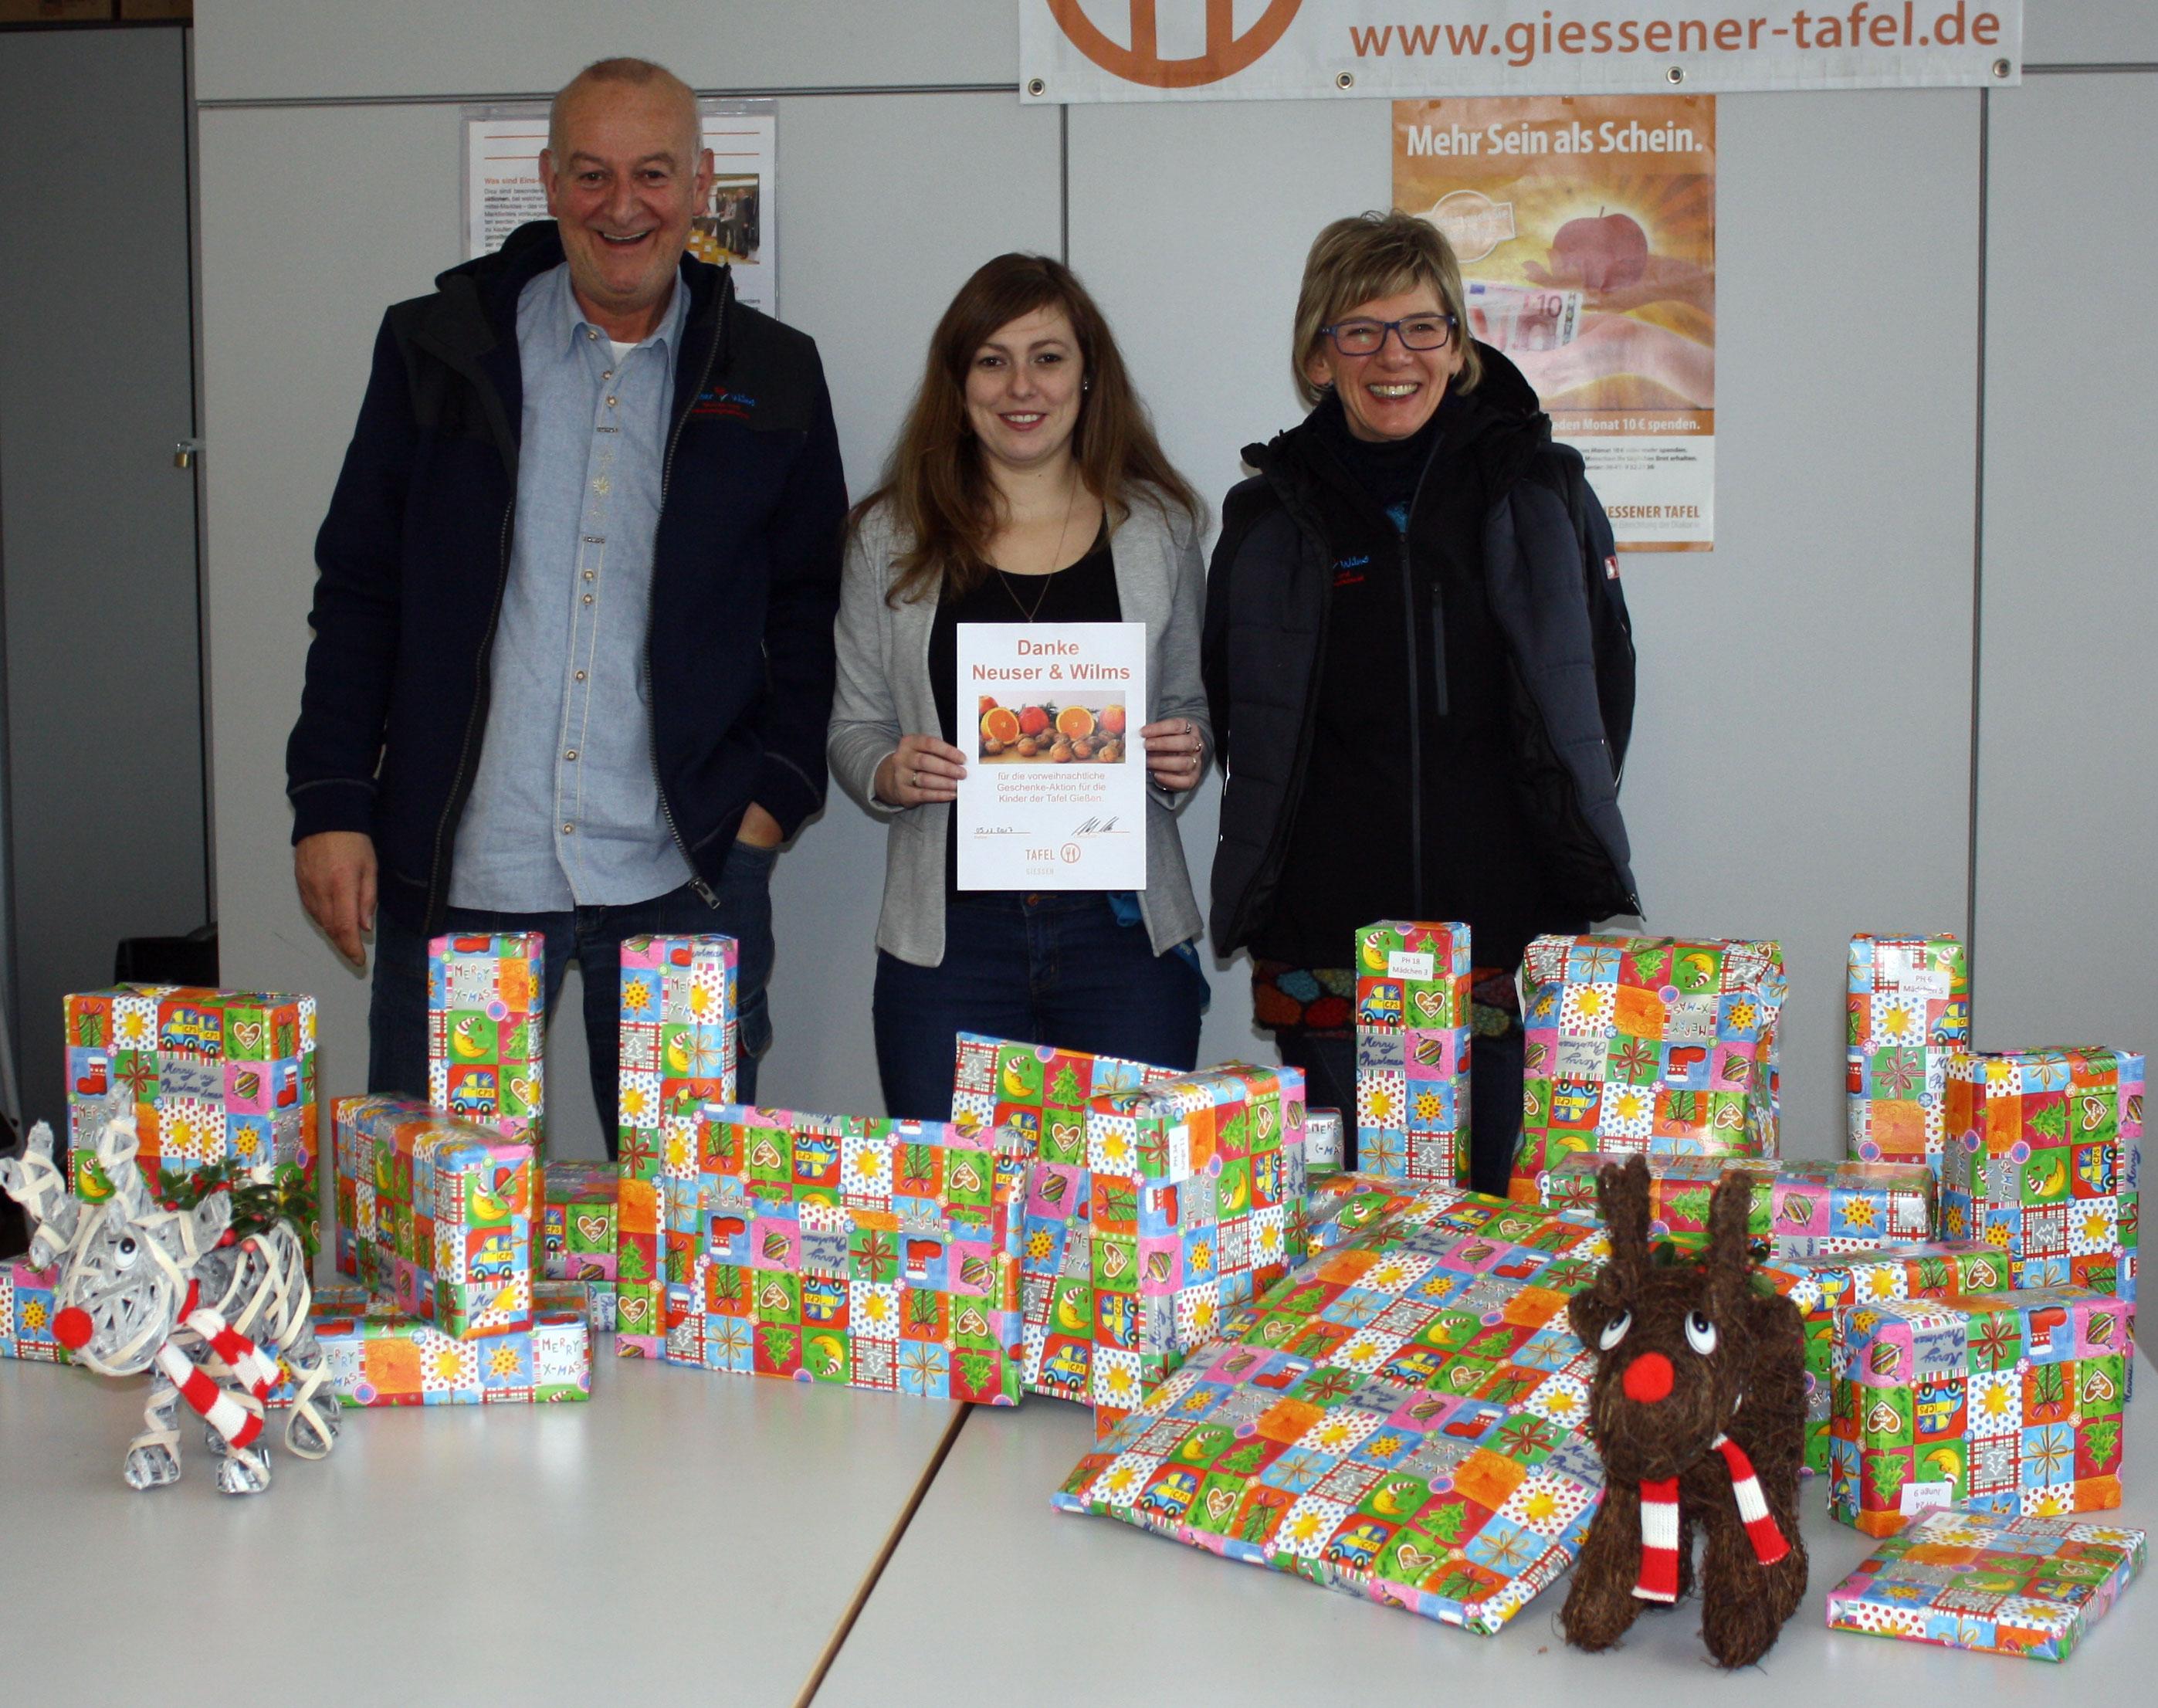 Ehepaar Wilms beschenkt Kinder in Außenstellen – Tafel Gießen